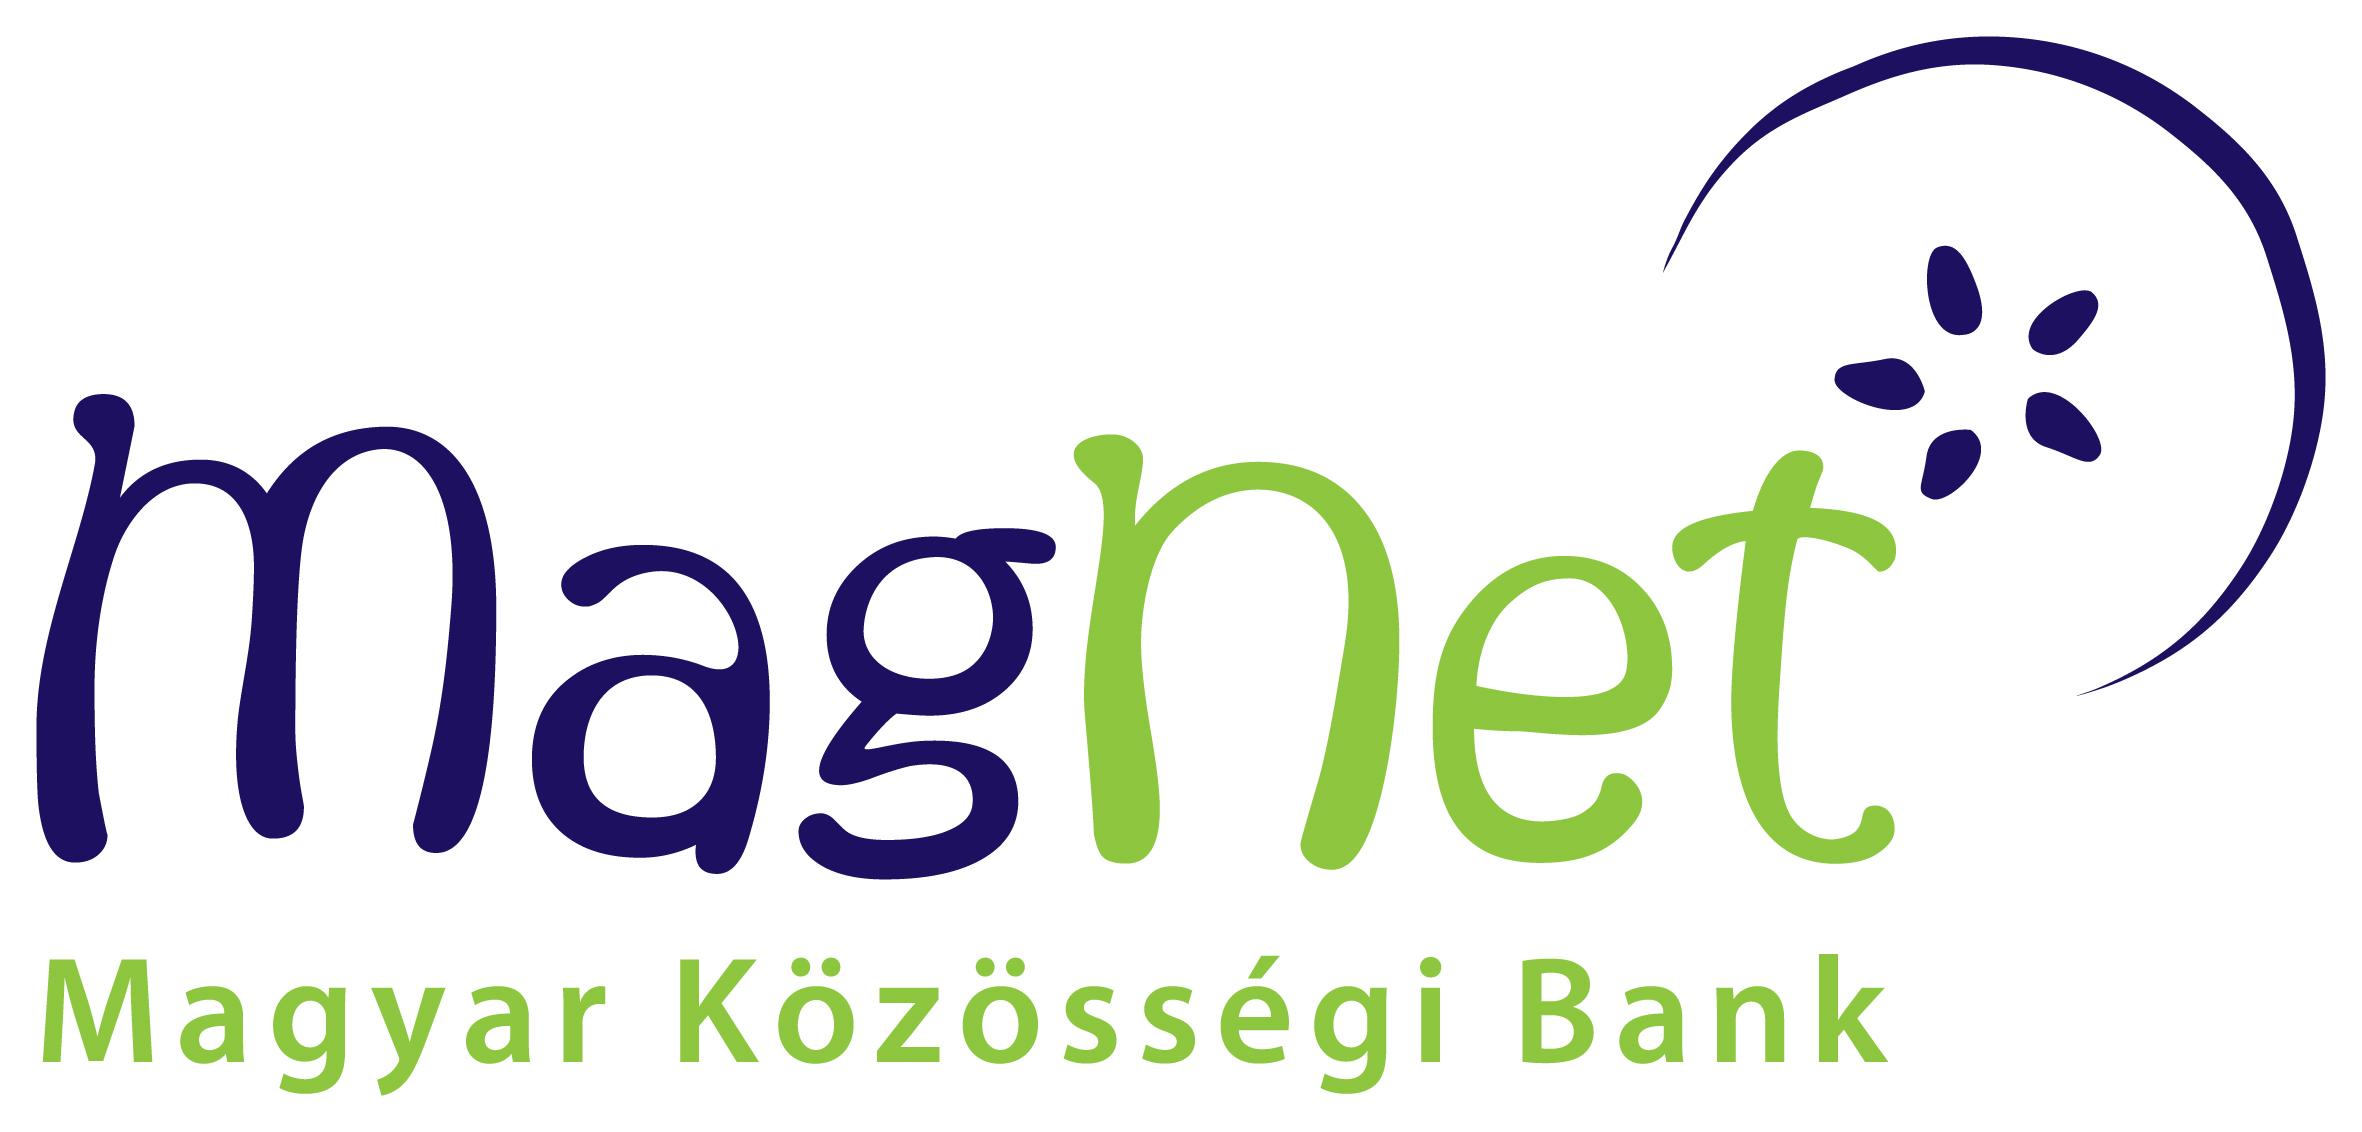 Magnet Bank - Magyar Közösségi Bank